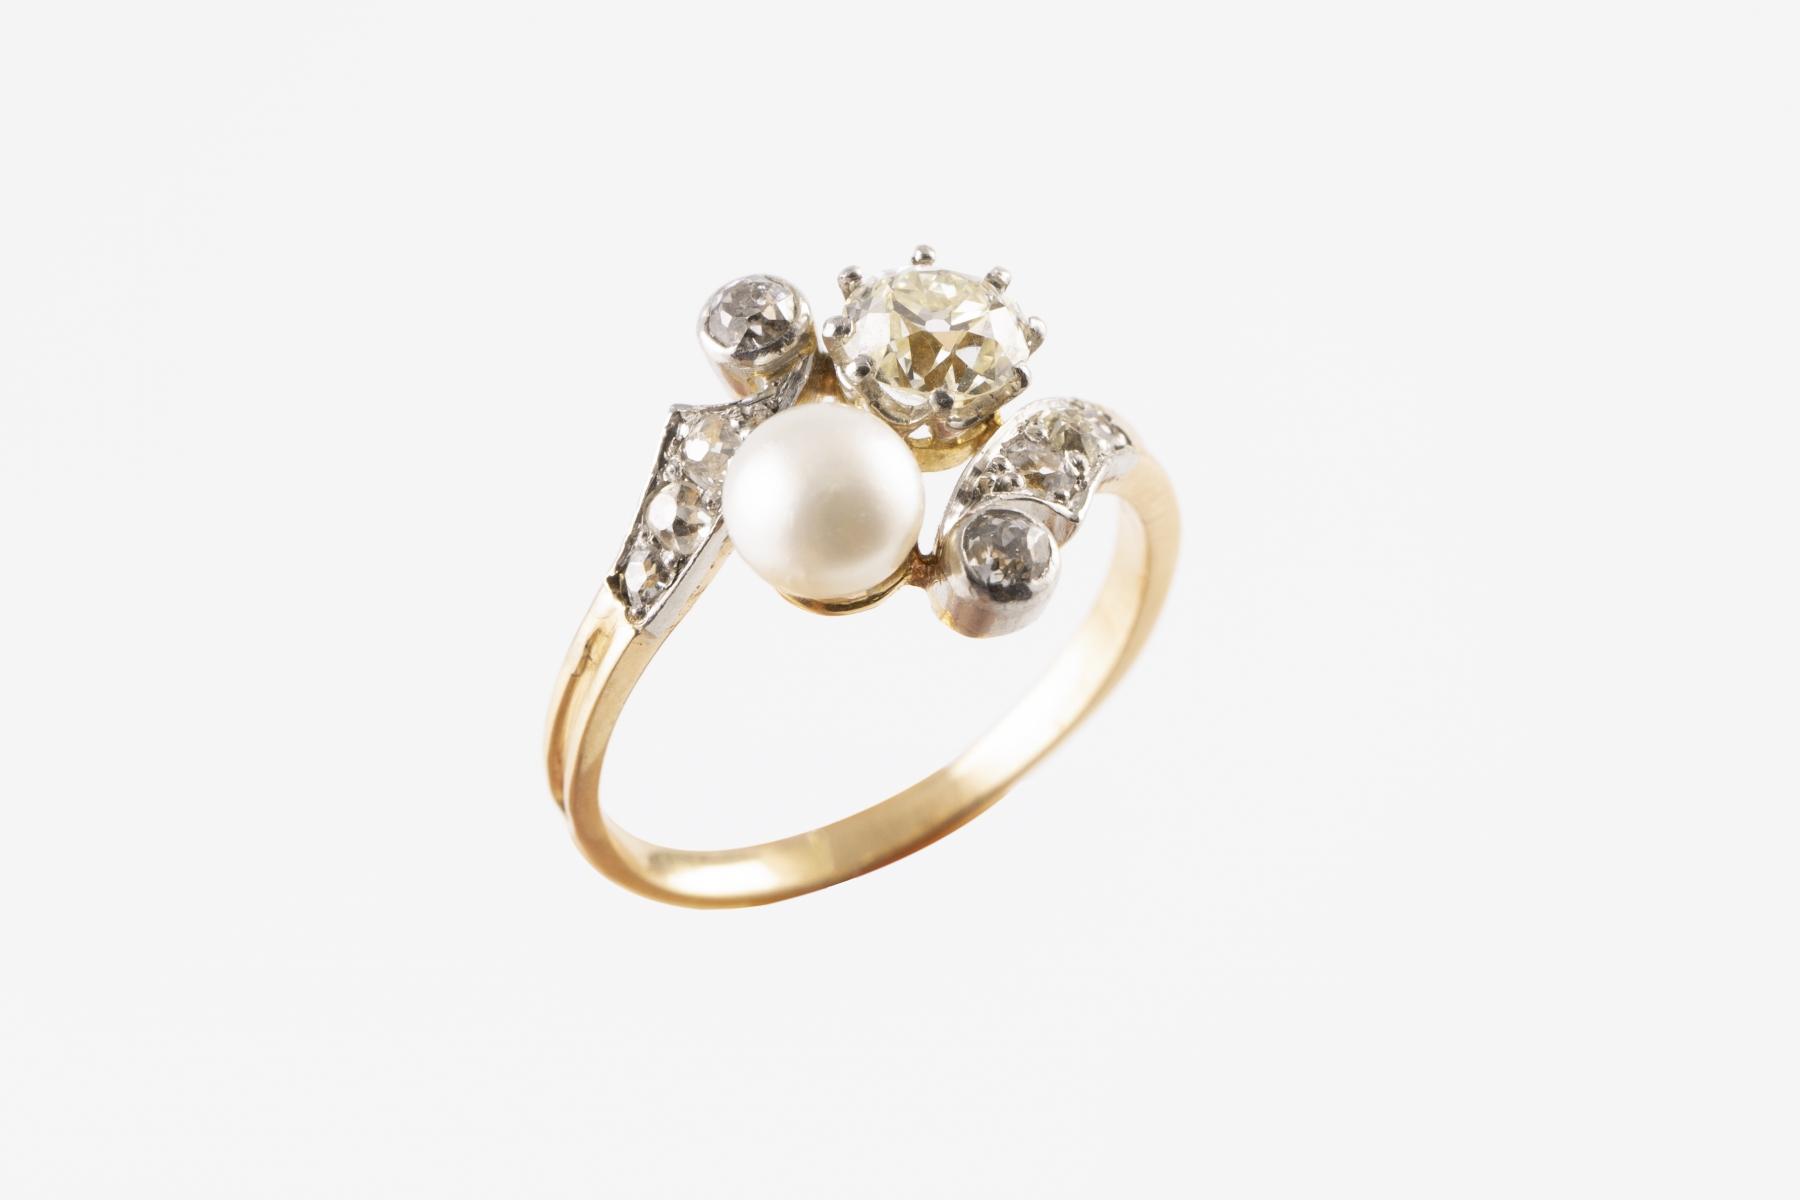 35 Bague toi et moi en or jaune et blanc sertie d'une perle de culture et de diamants pour un poids d'environ 1,2cts. Adjugé 1400€